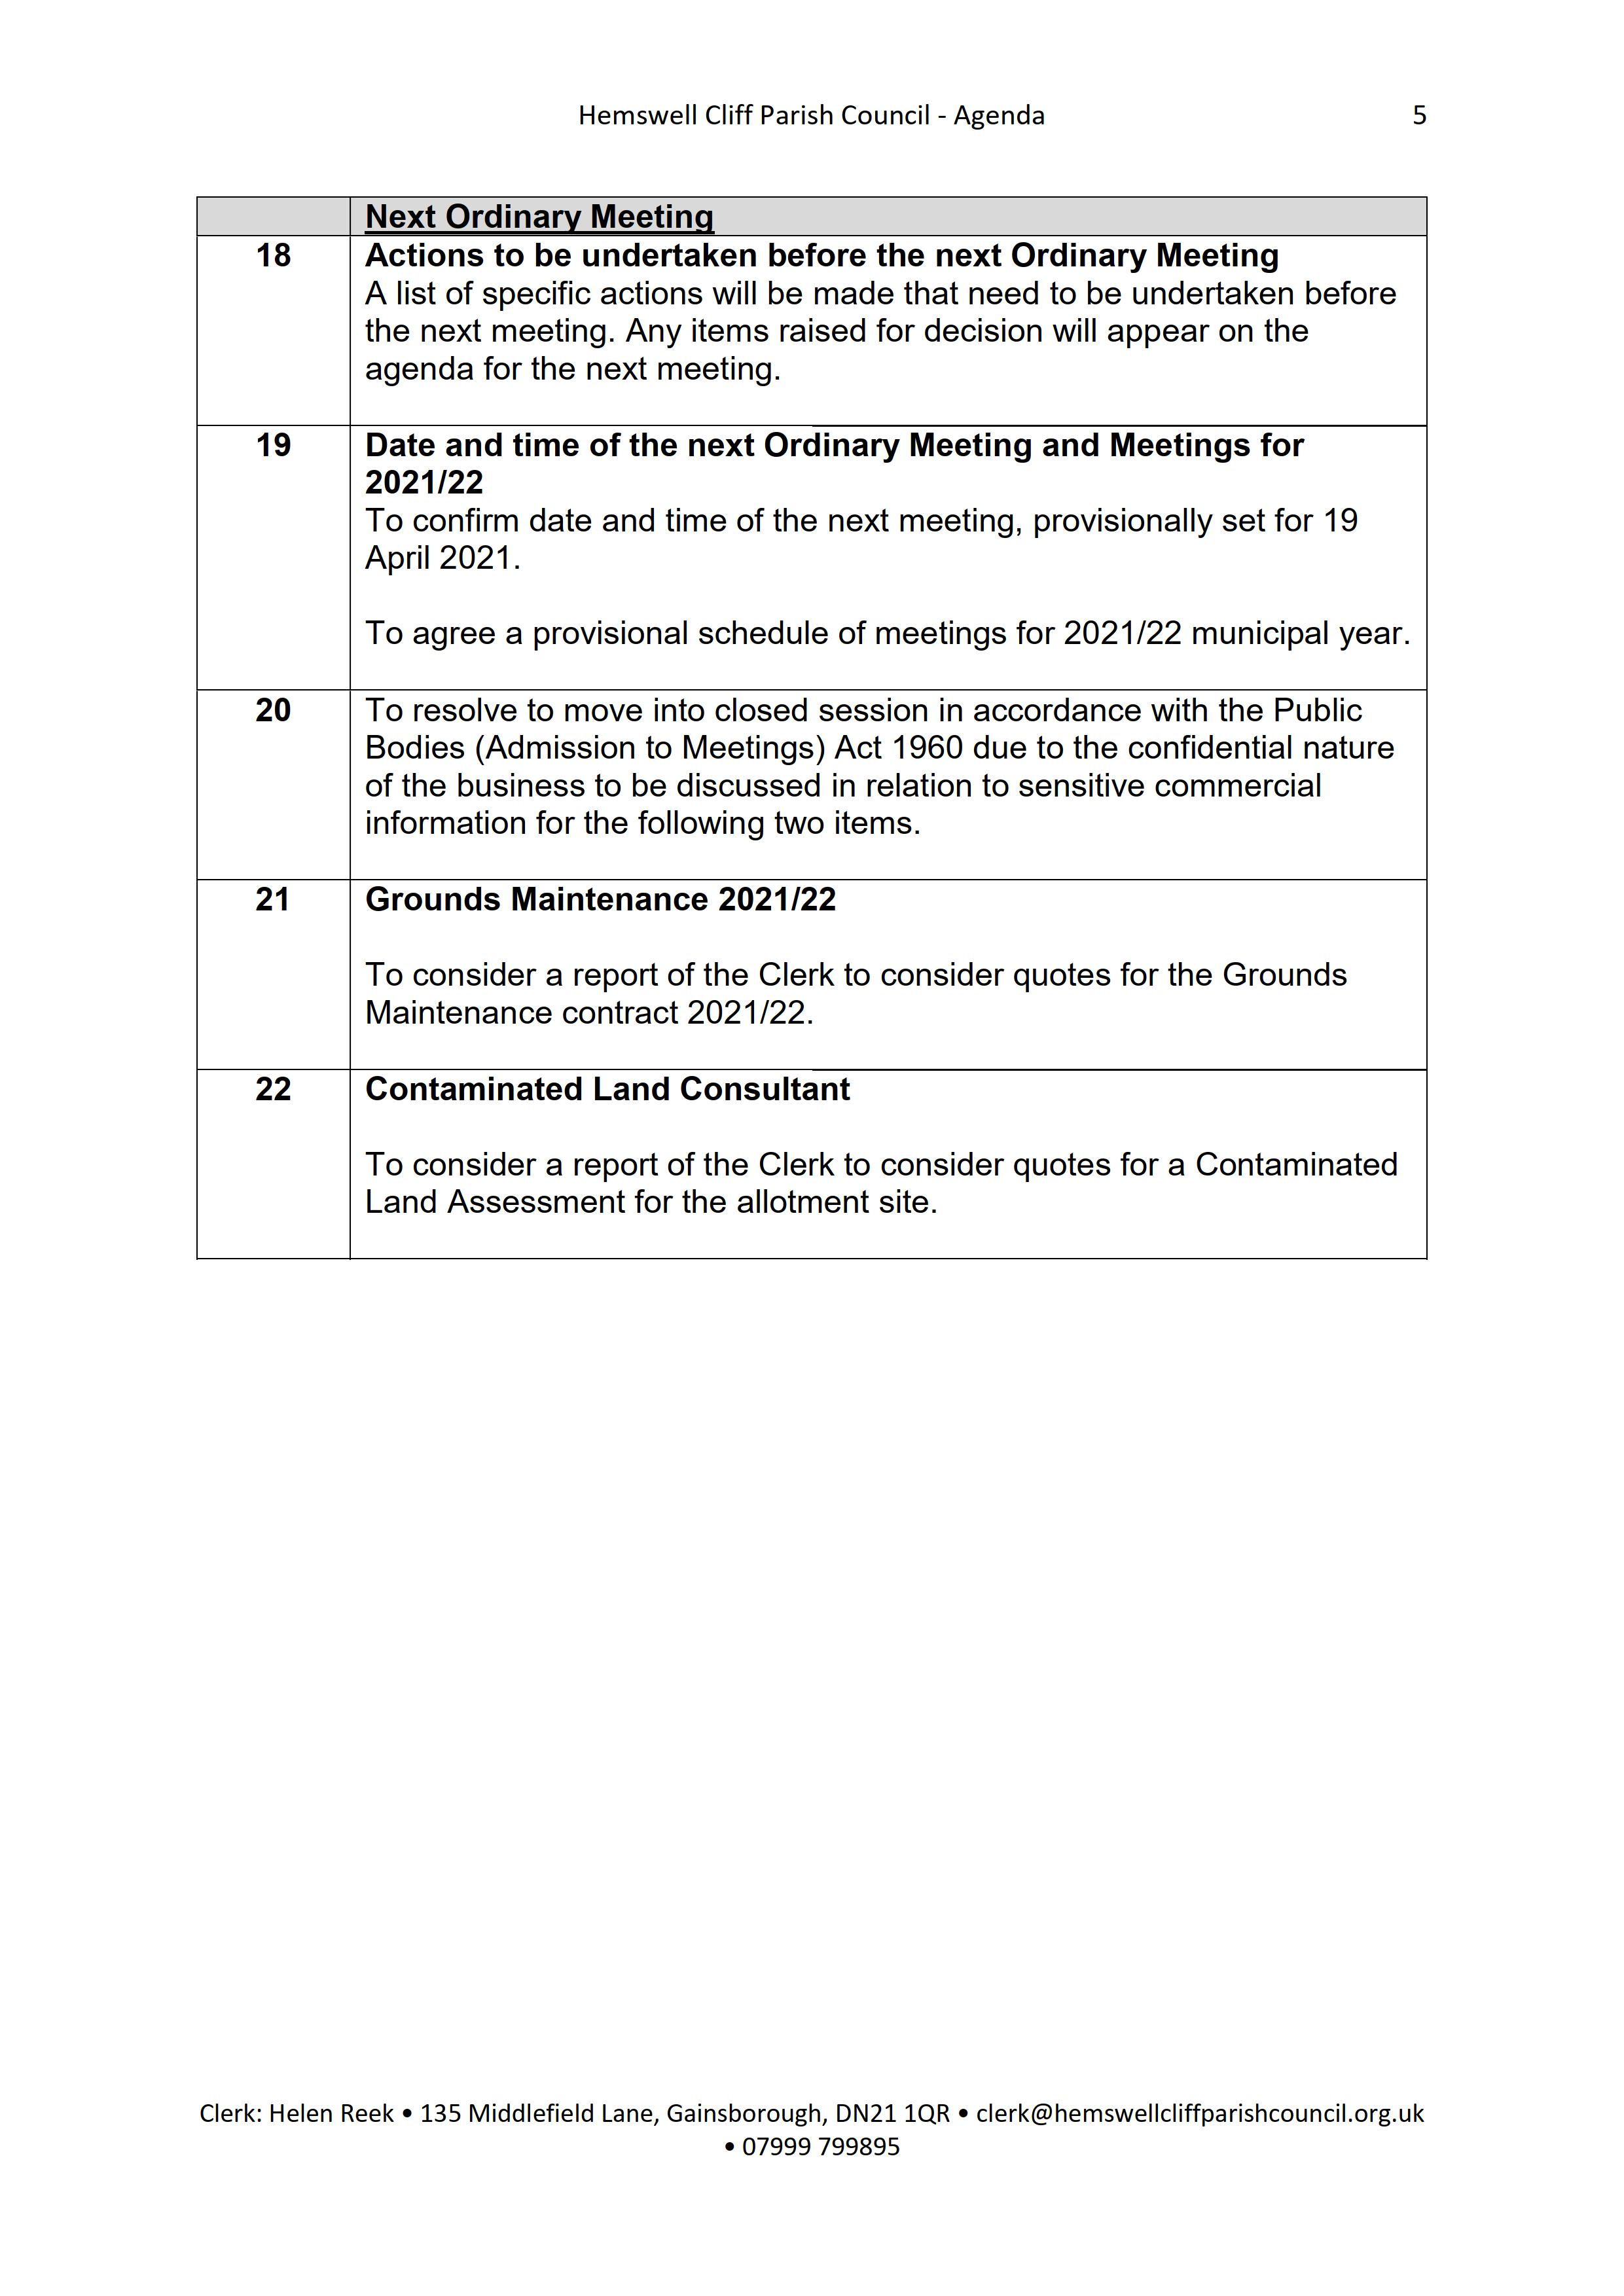 HCPC_Agenda_15.03.21_5.png